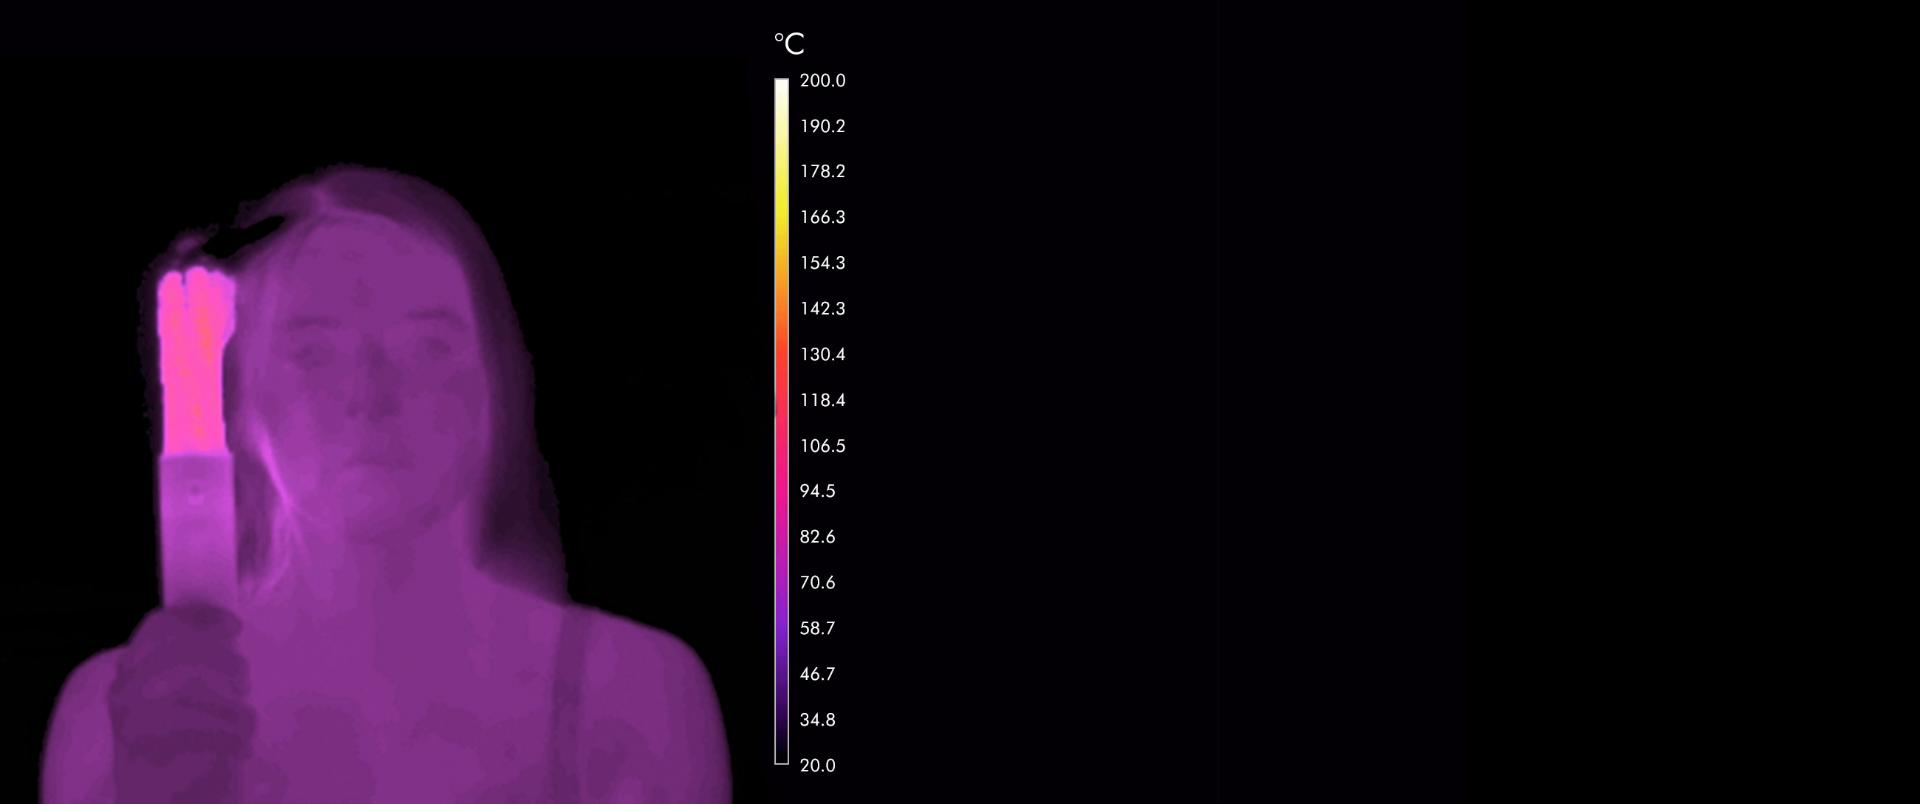 رسم توضيحي يُبين كيف يمكن أن يتعرض الشعر للتلف الناتج عن الحرارة